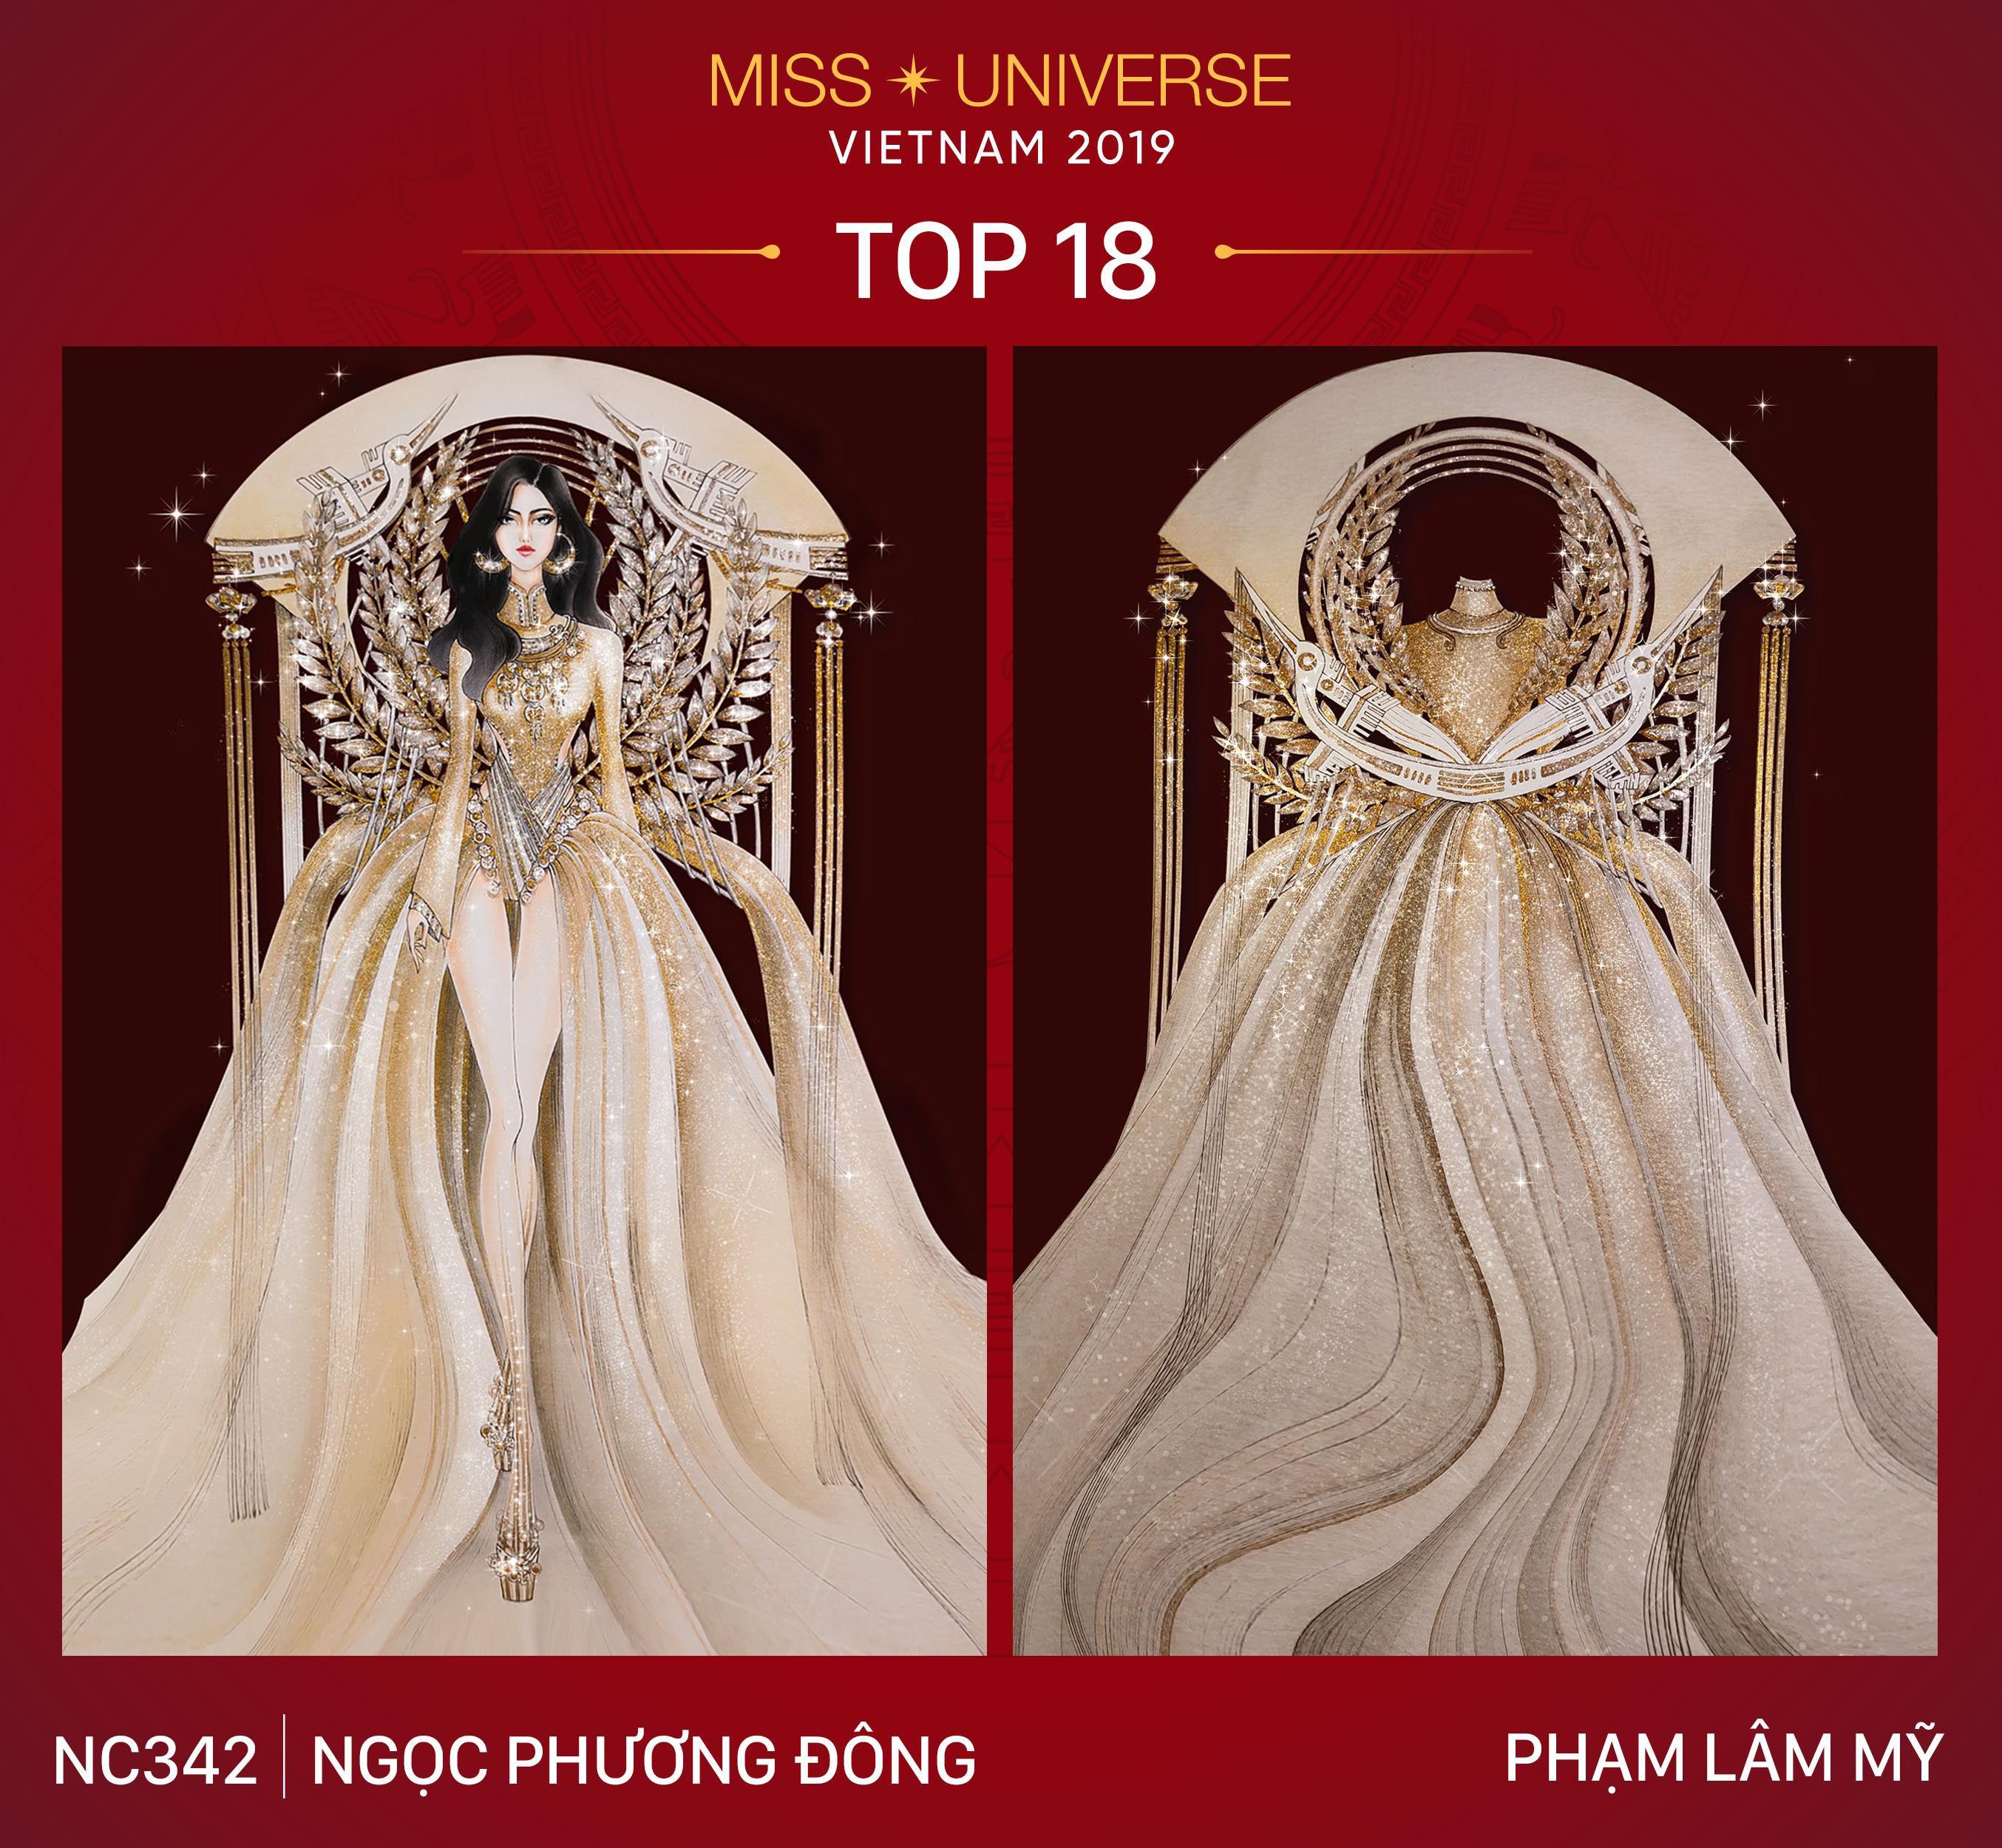 Chủ nhân National Costume Nàng Mây thiết kế váy tàu điện Metro cho Khánh Vân: Cổng trường cũng thành trang phục cực chất Ảnh 15